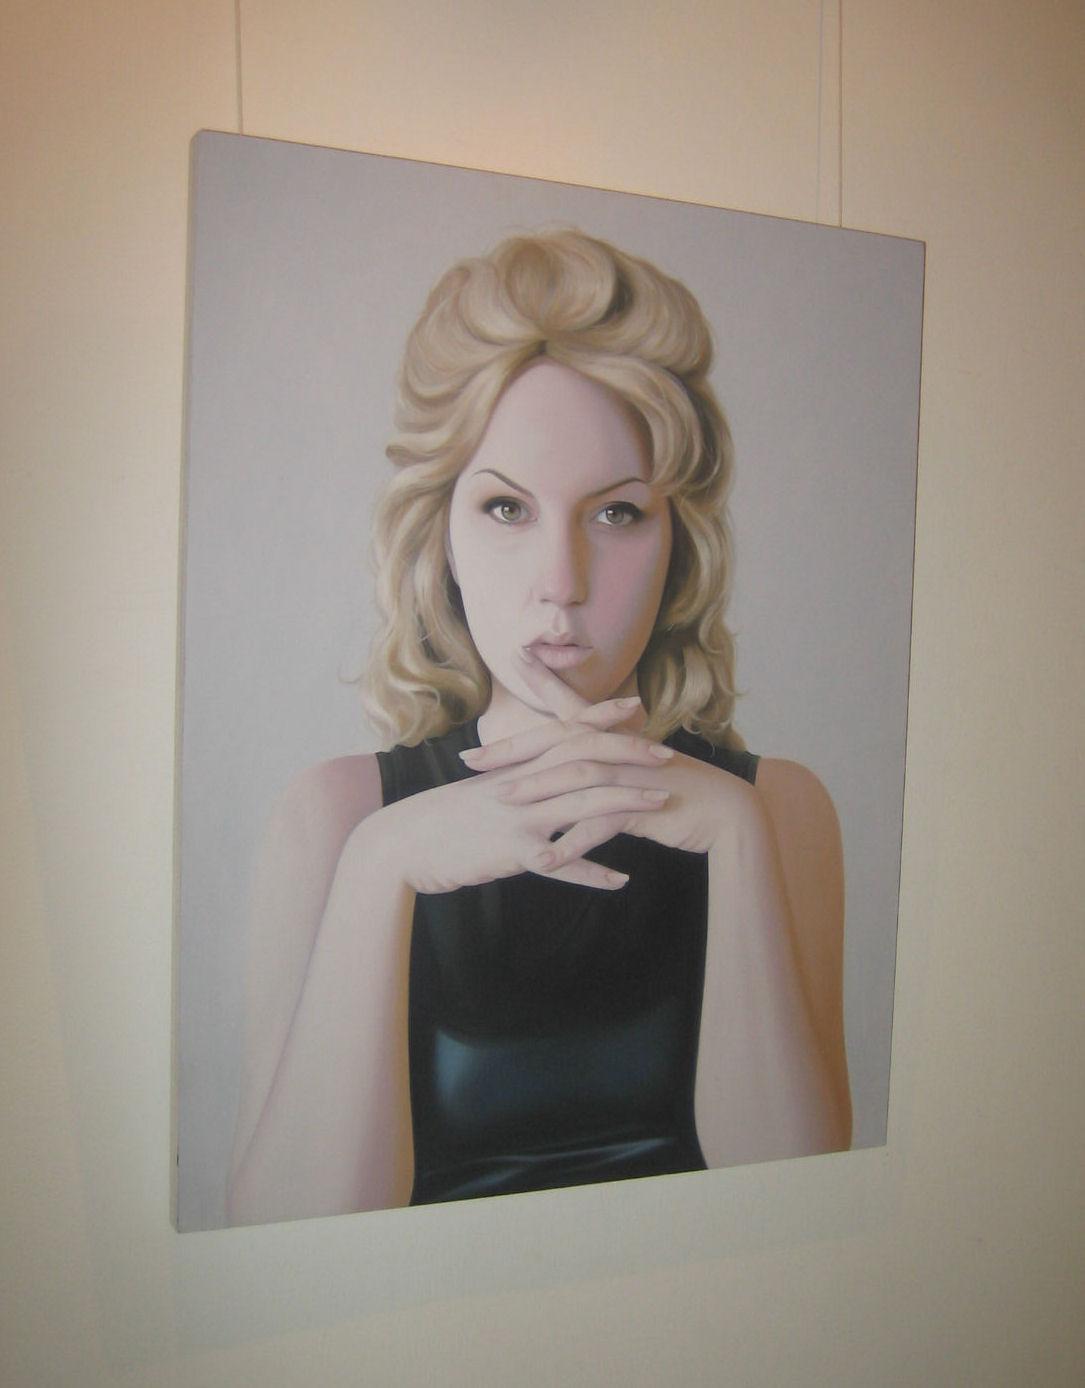 'Starlet - Shine' by artist Patricia Rorie